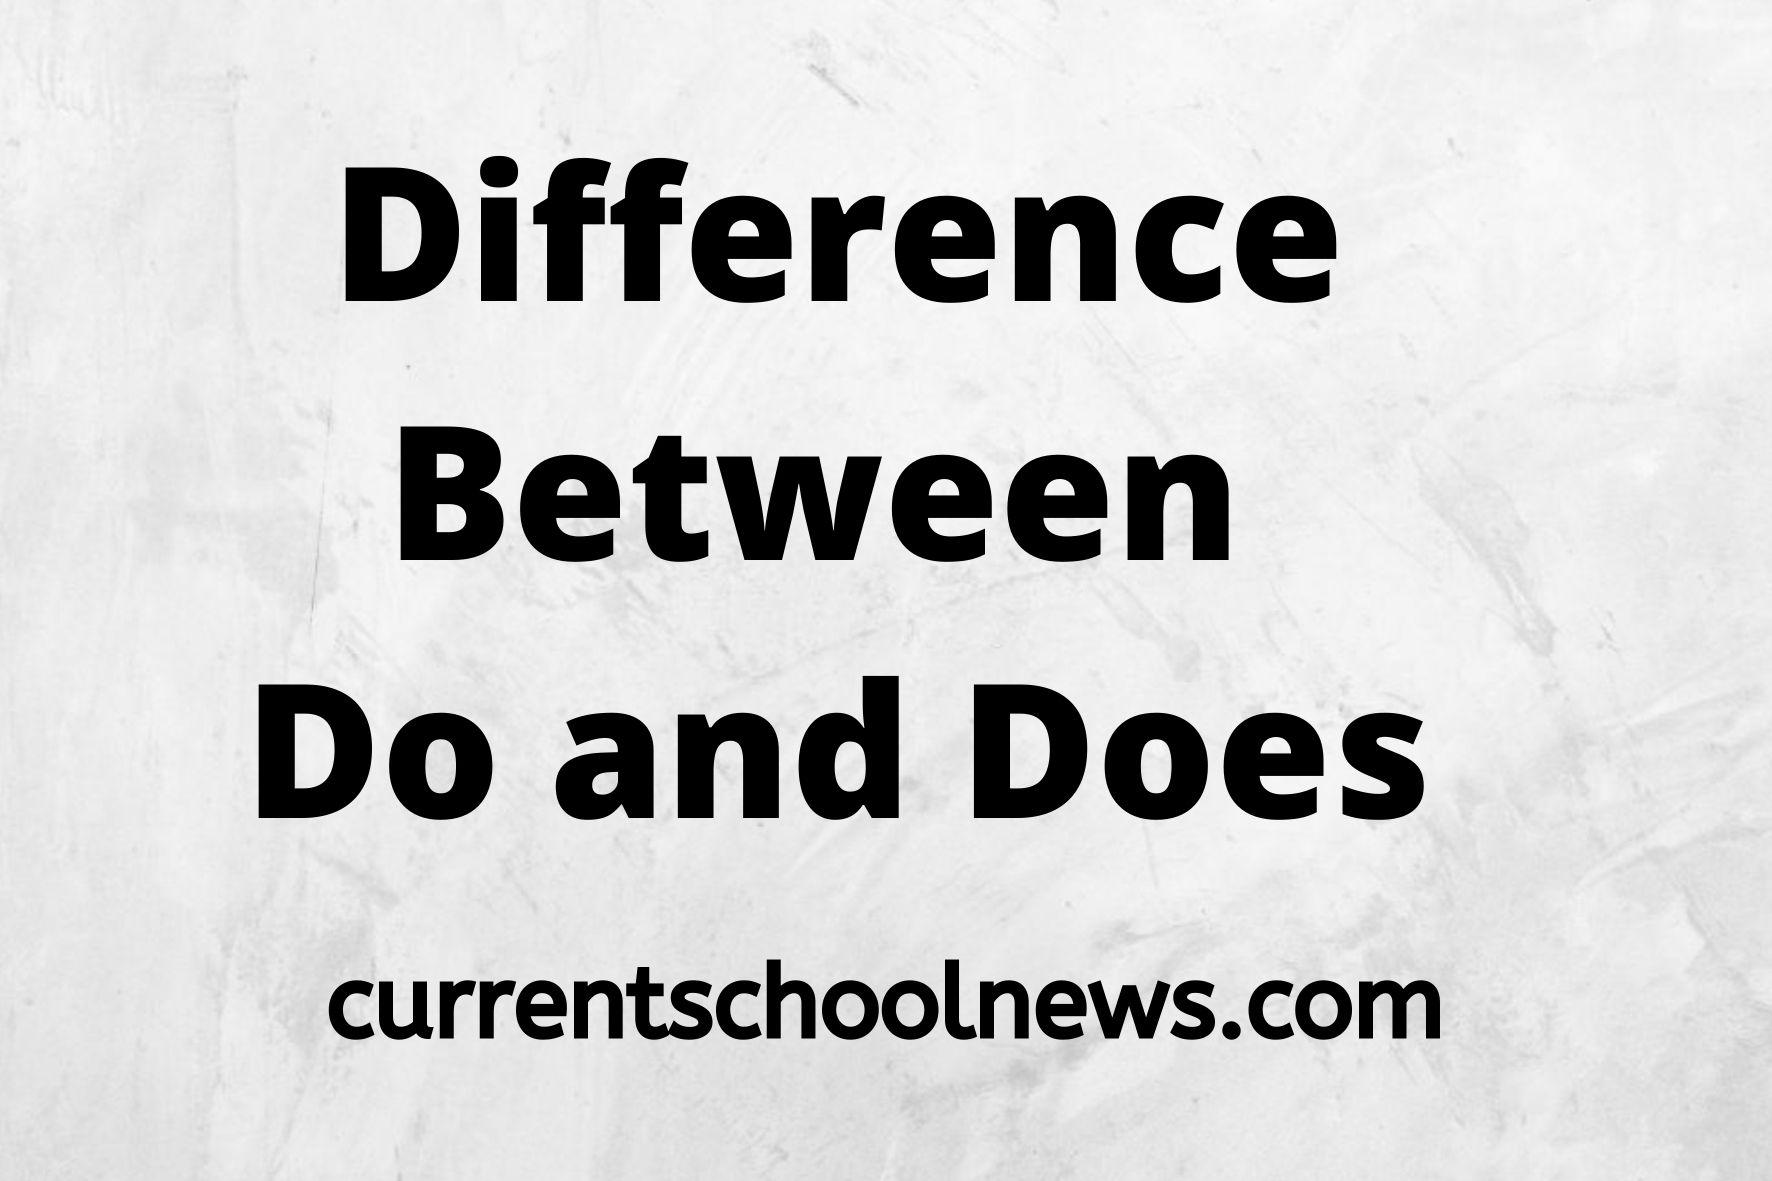 10 اختلافات ملحوظة بين فعل وهل